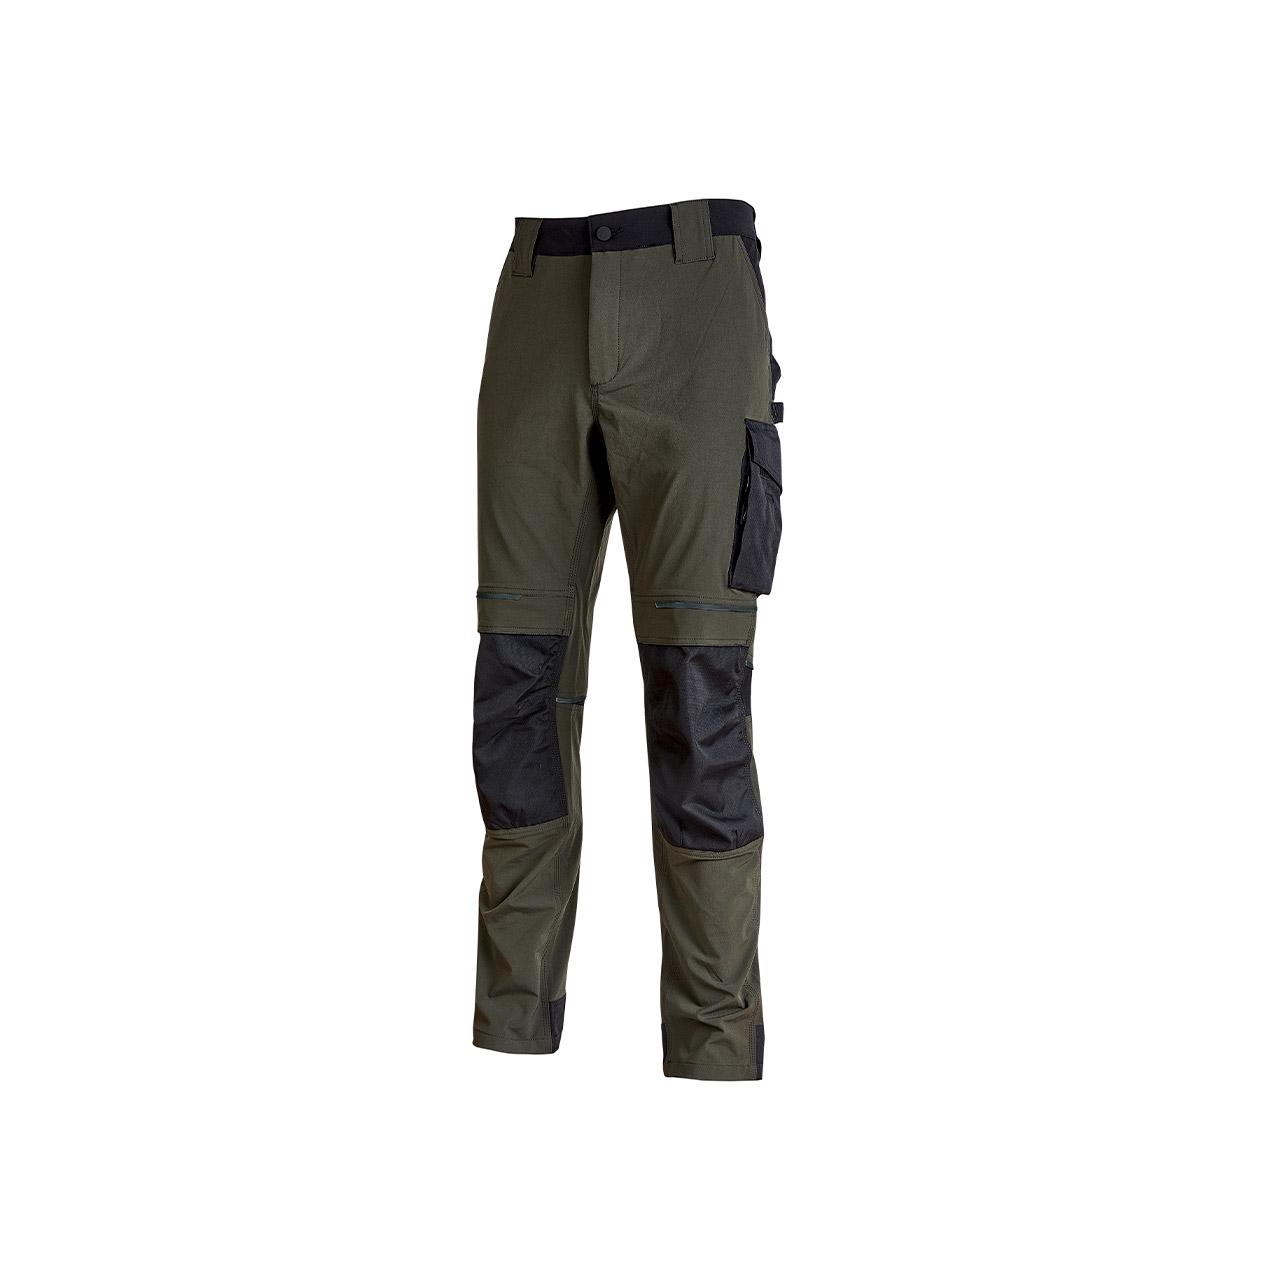 pantalone da lavoro upower modello atom colore dark green